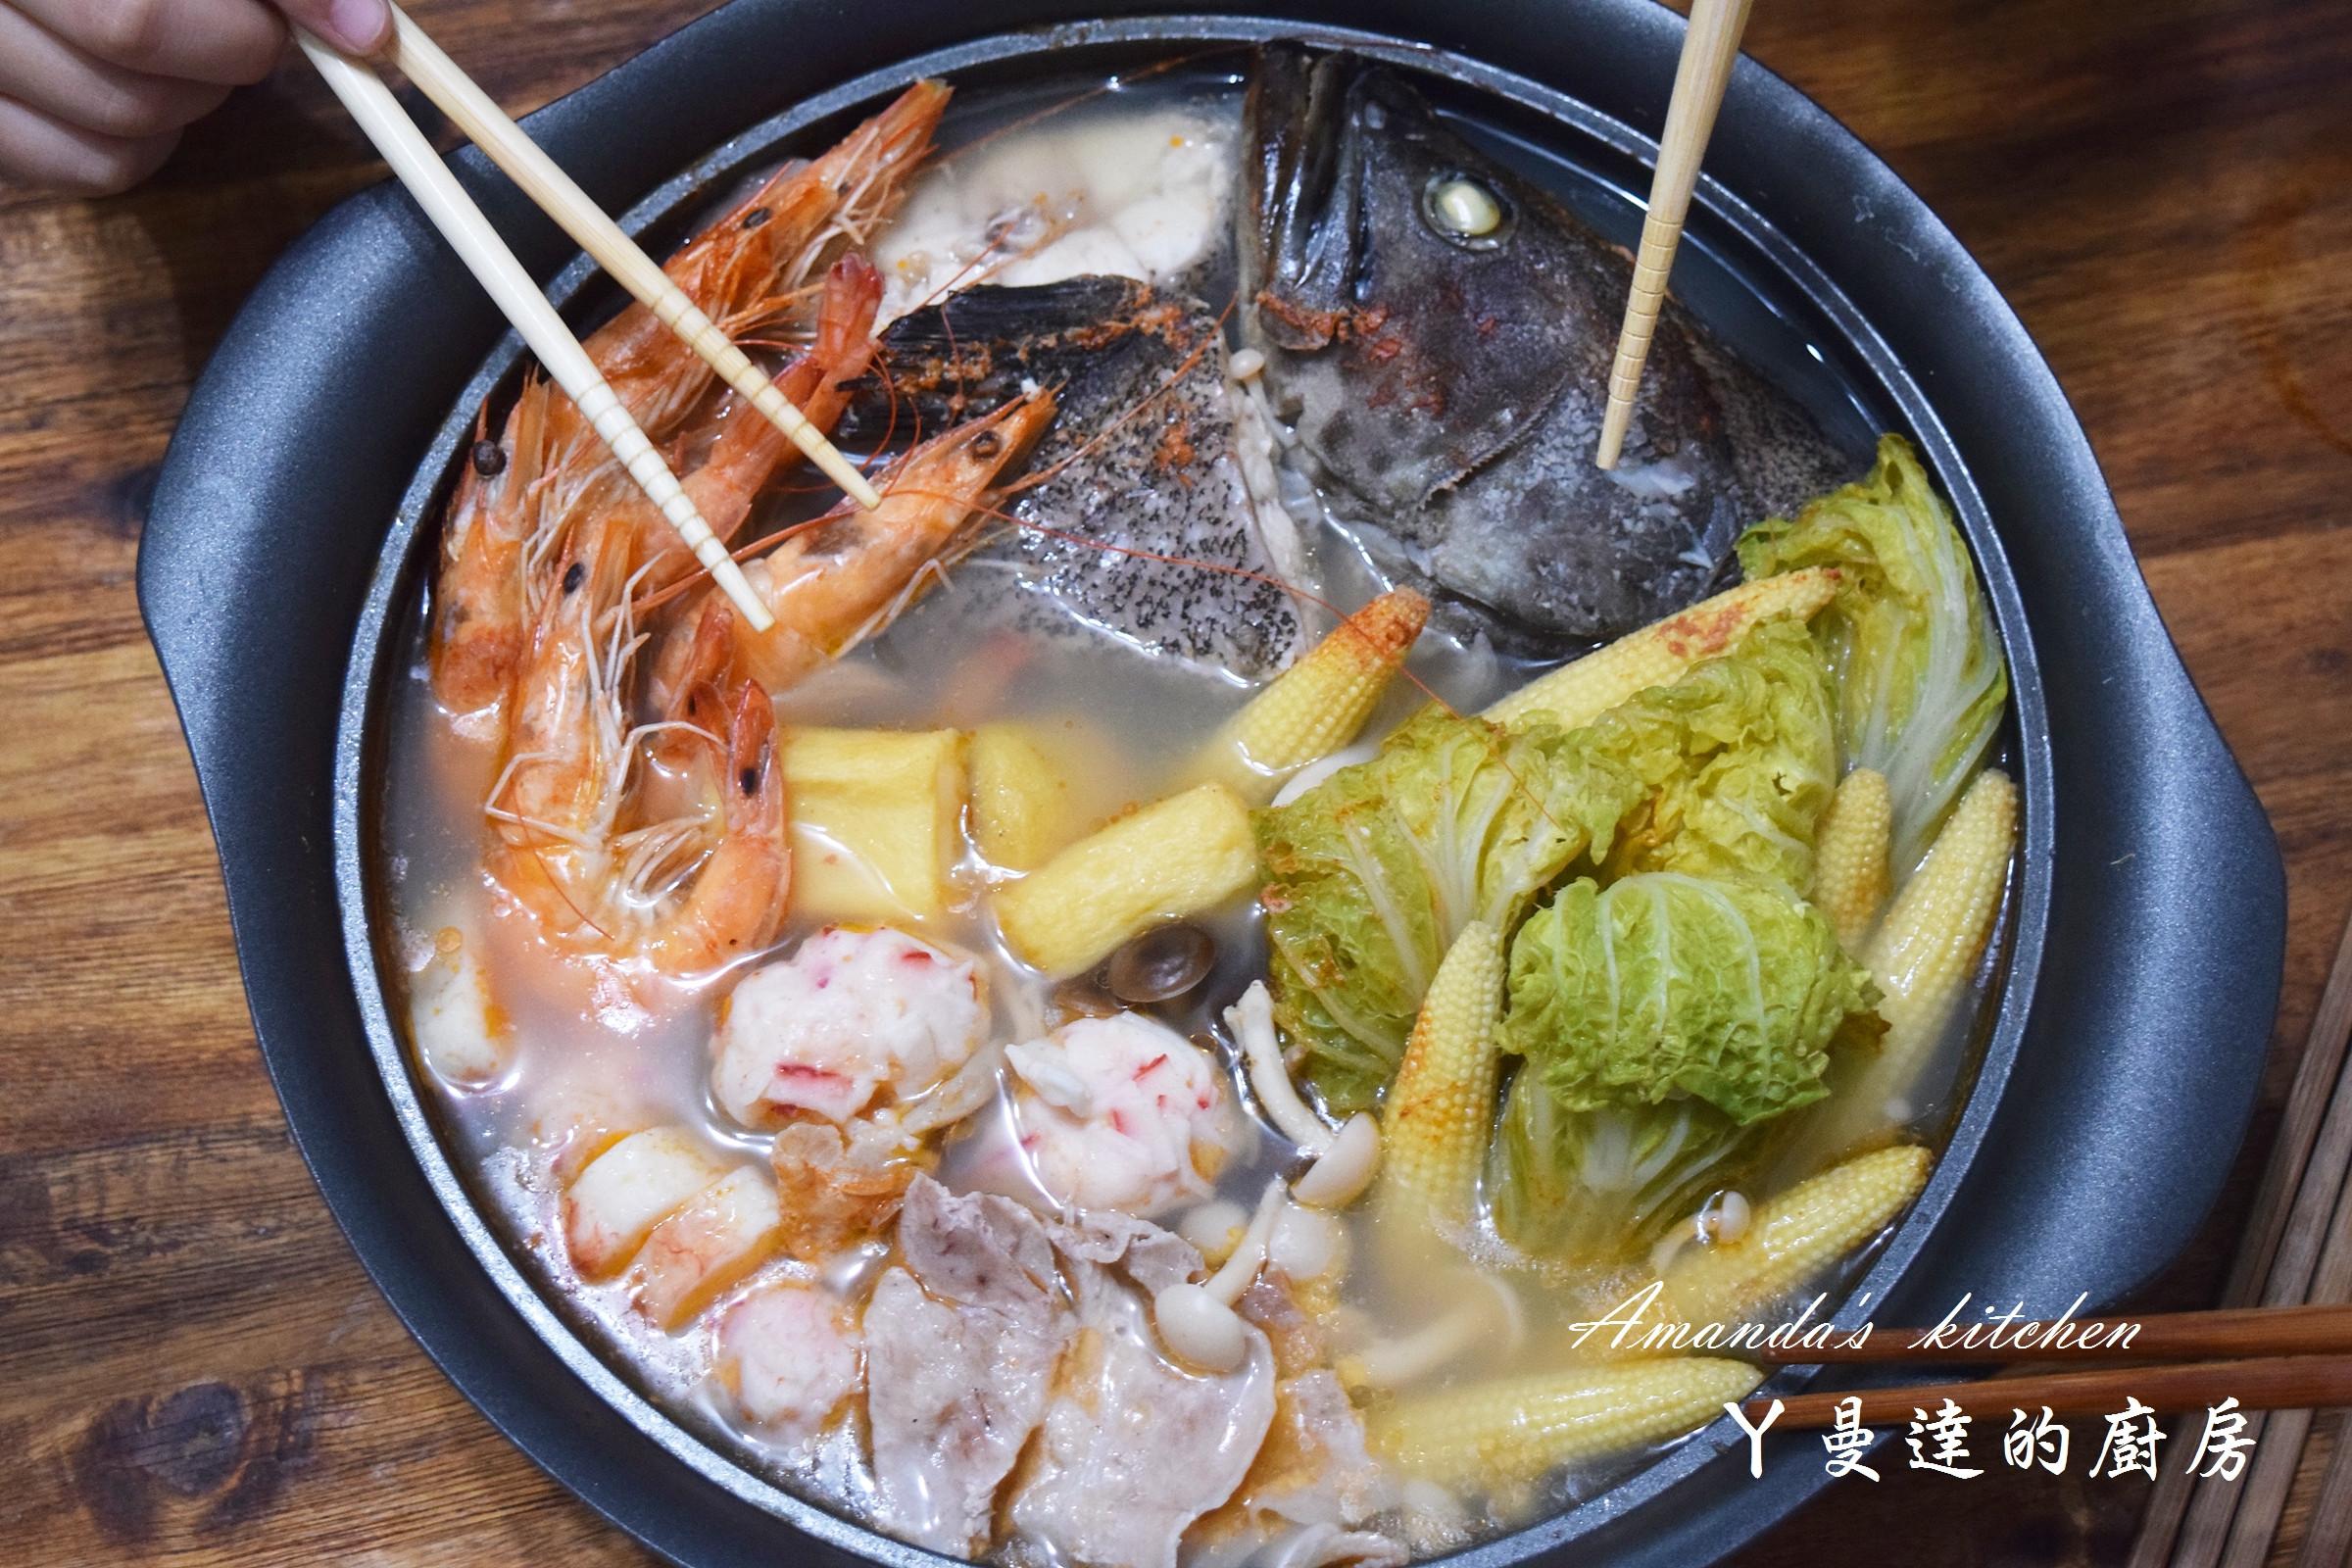 石斑魚聚寶盆鍋~就愛國產石斑魚